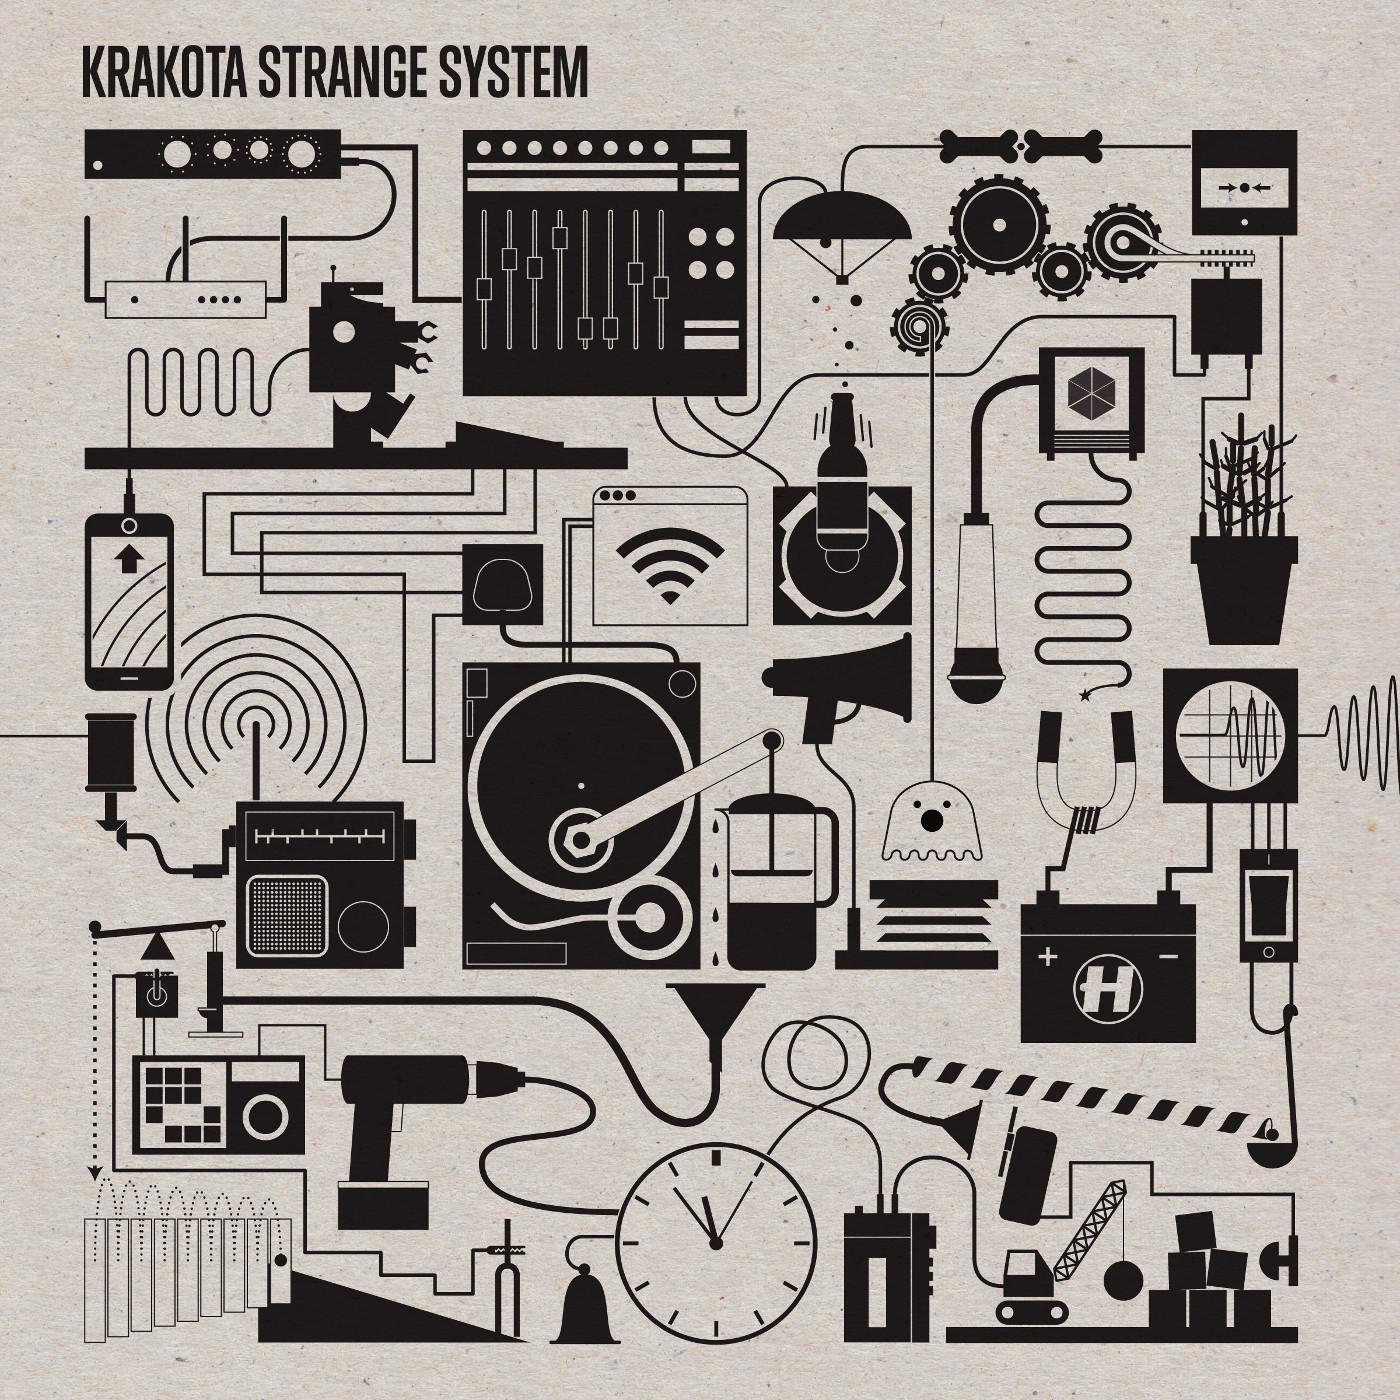 Krakota/STRANGE SYSTEM CD